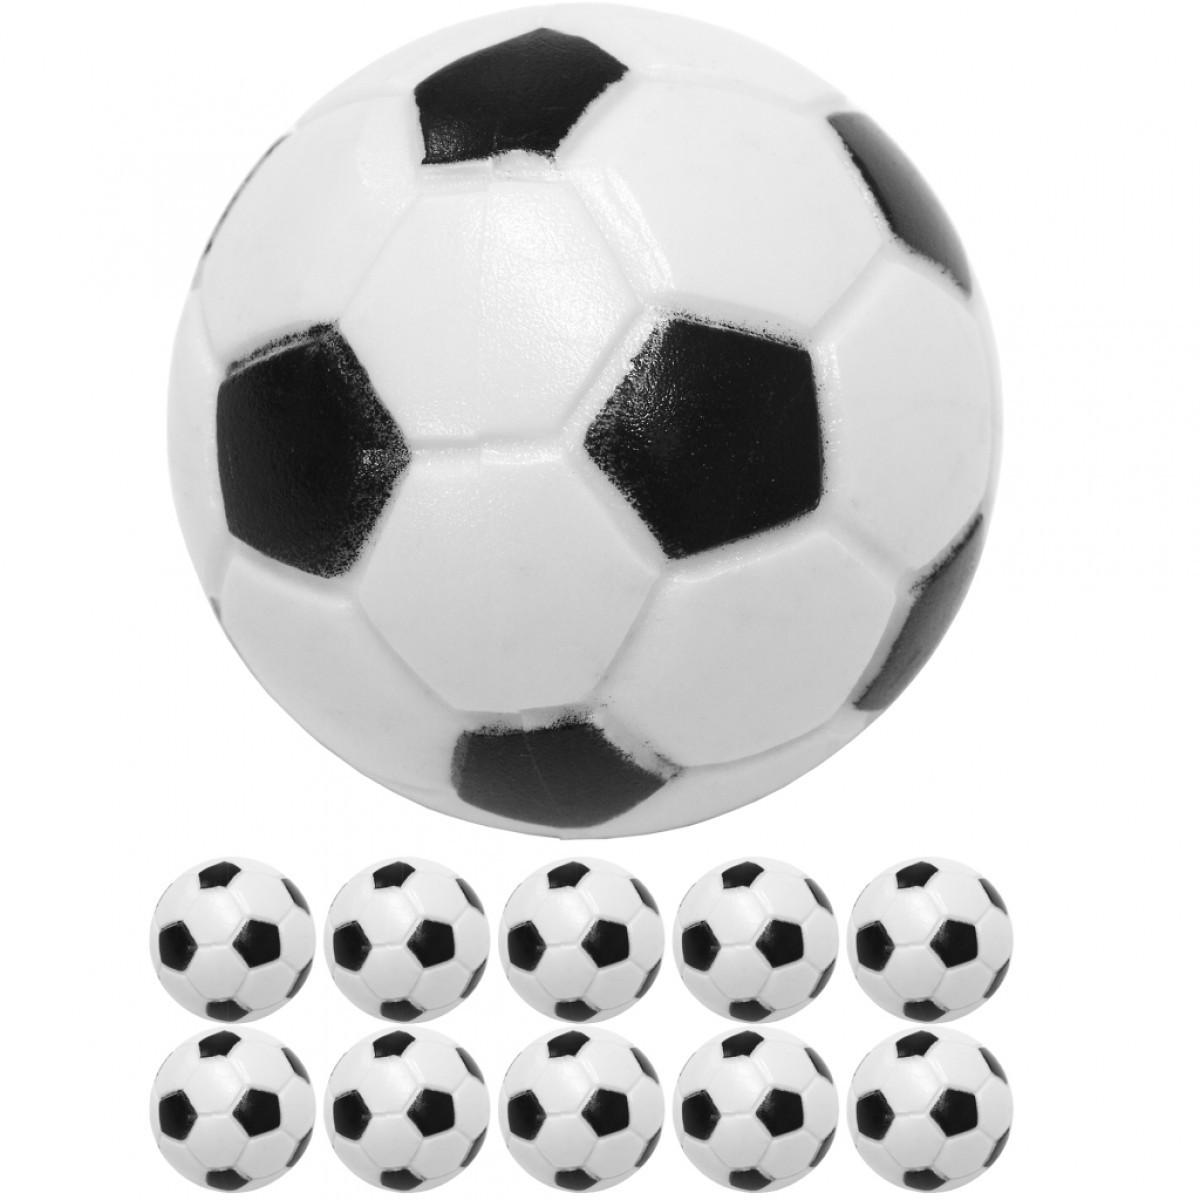 Goleto Náhradní míček pro stolní fotbal fotbálek 31 mm 10 ks